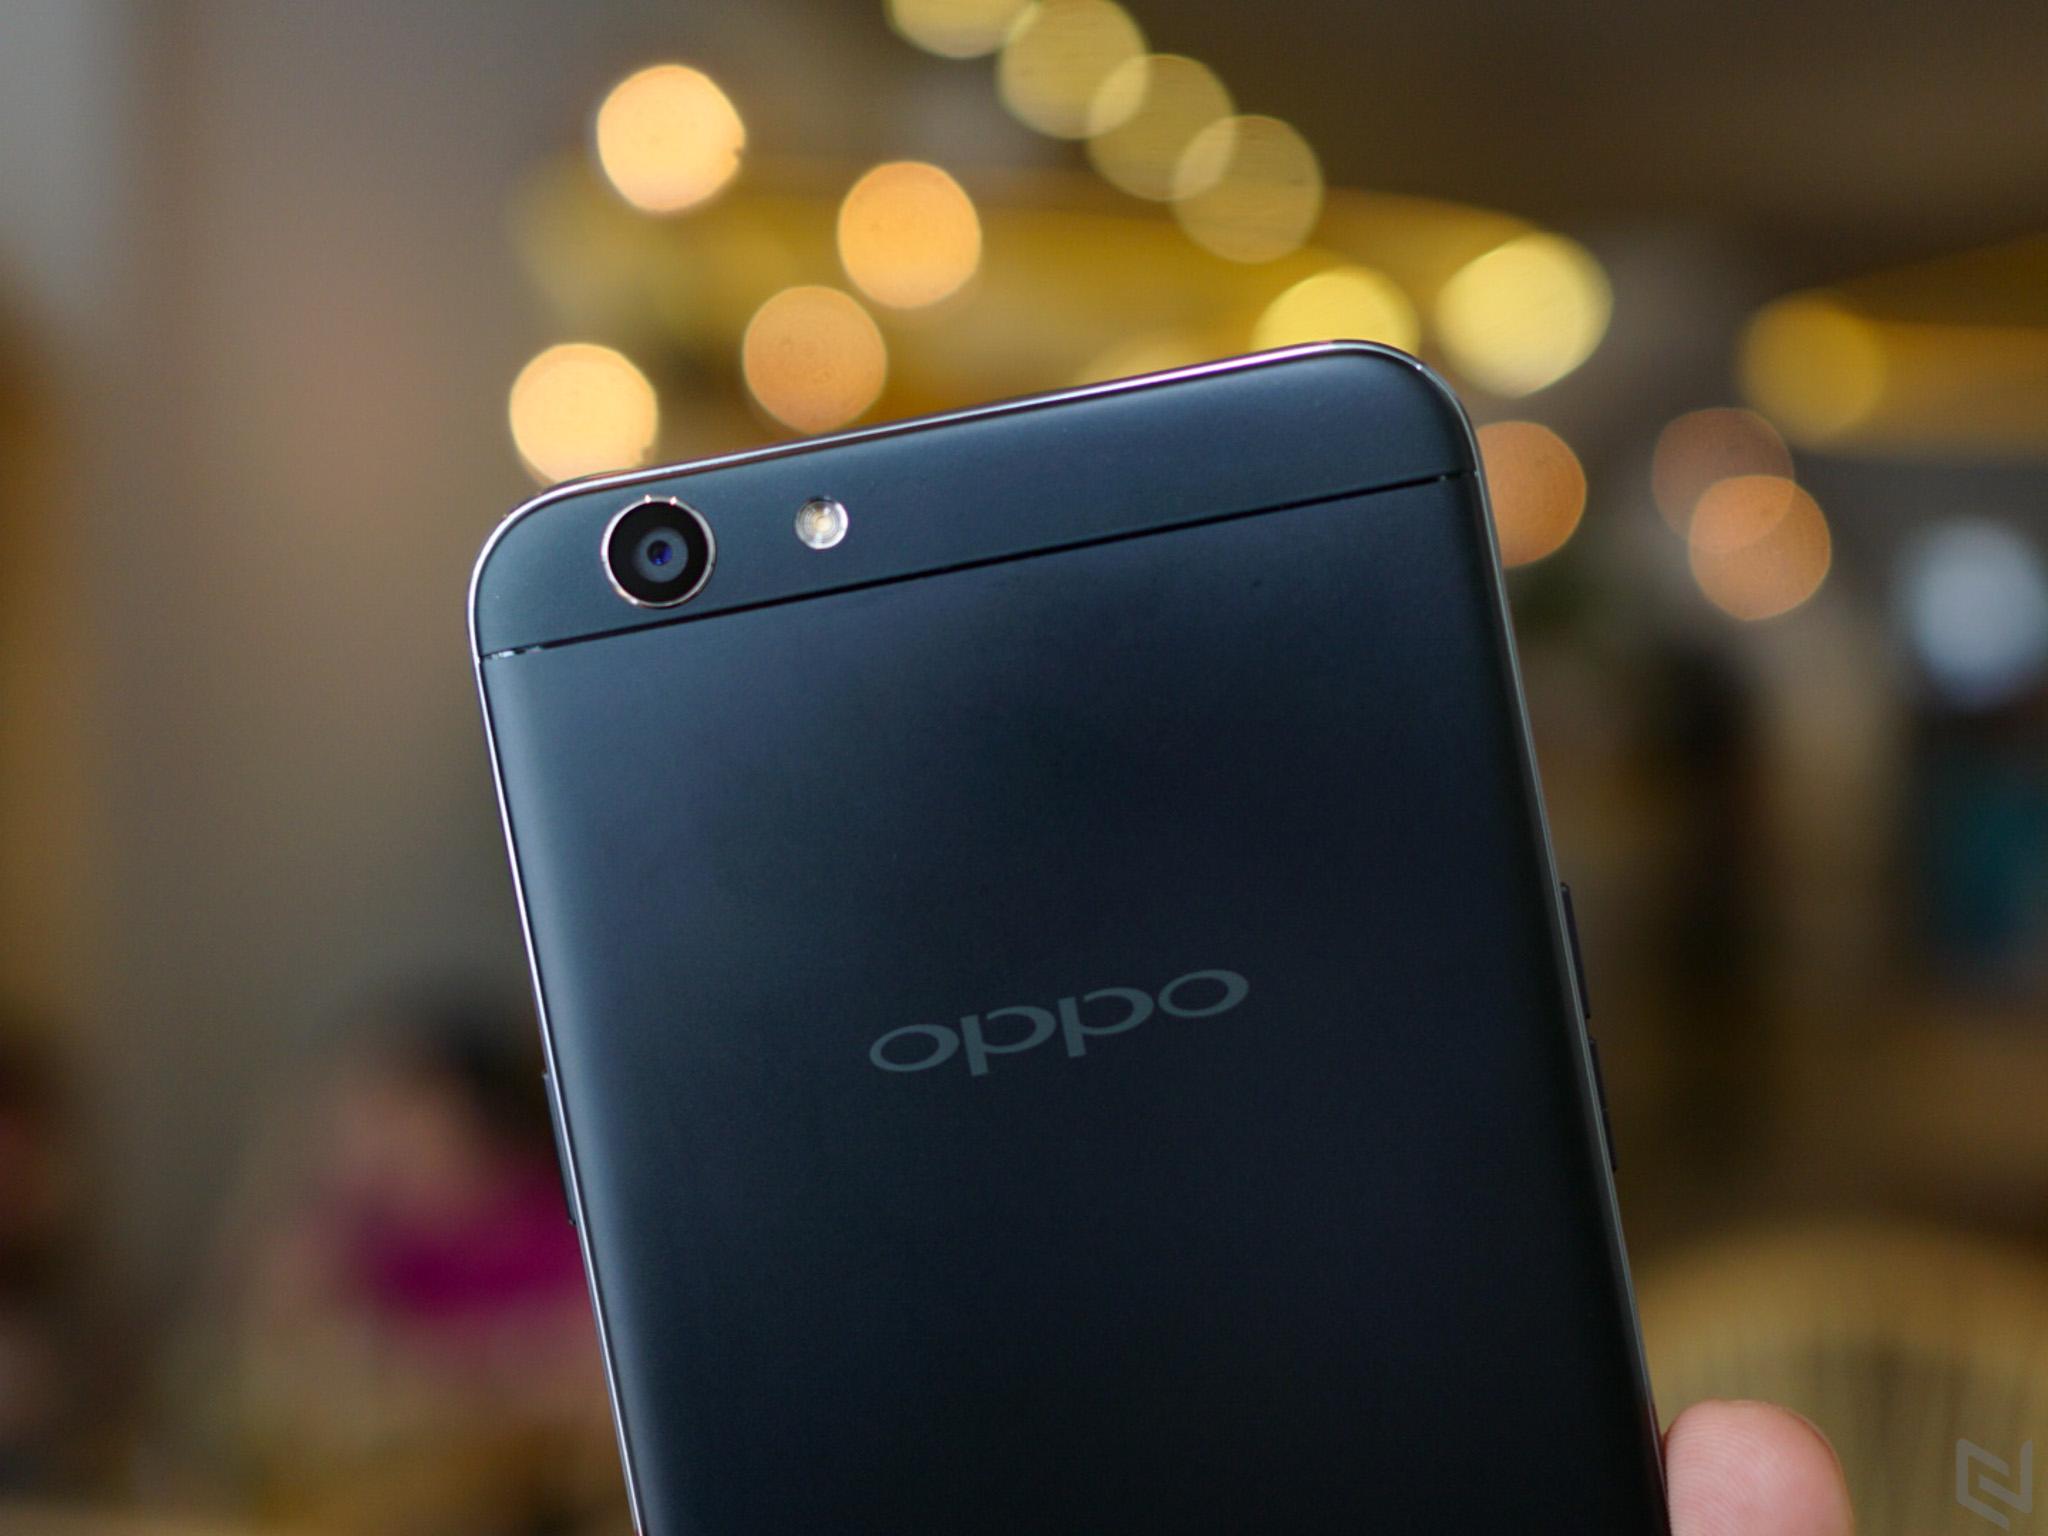 Trên tay OPPO F1S phiên bản màu đen nhám Limited Edition